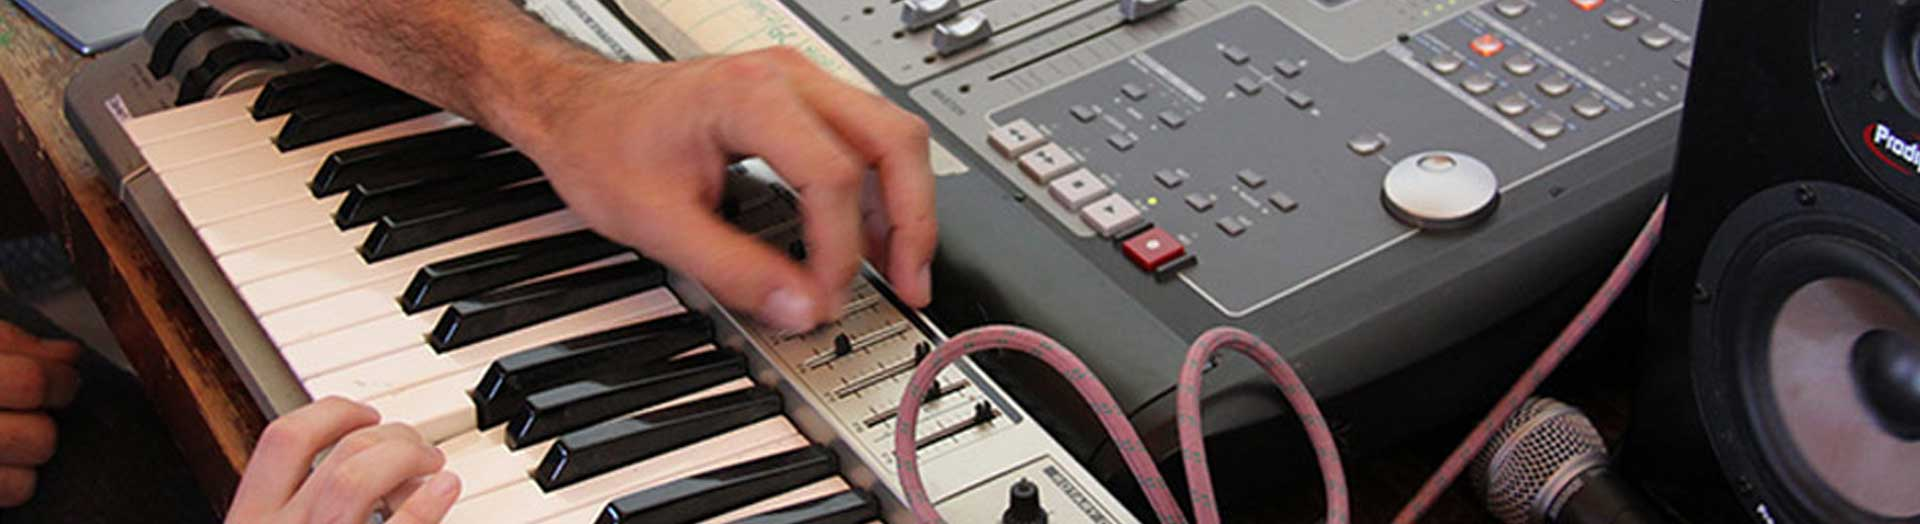 classe découverte musique 04